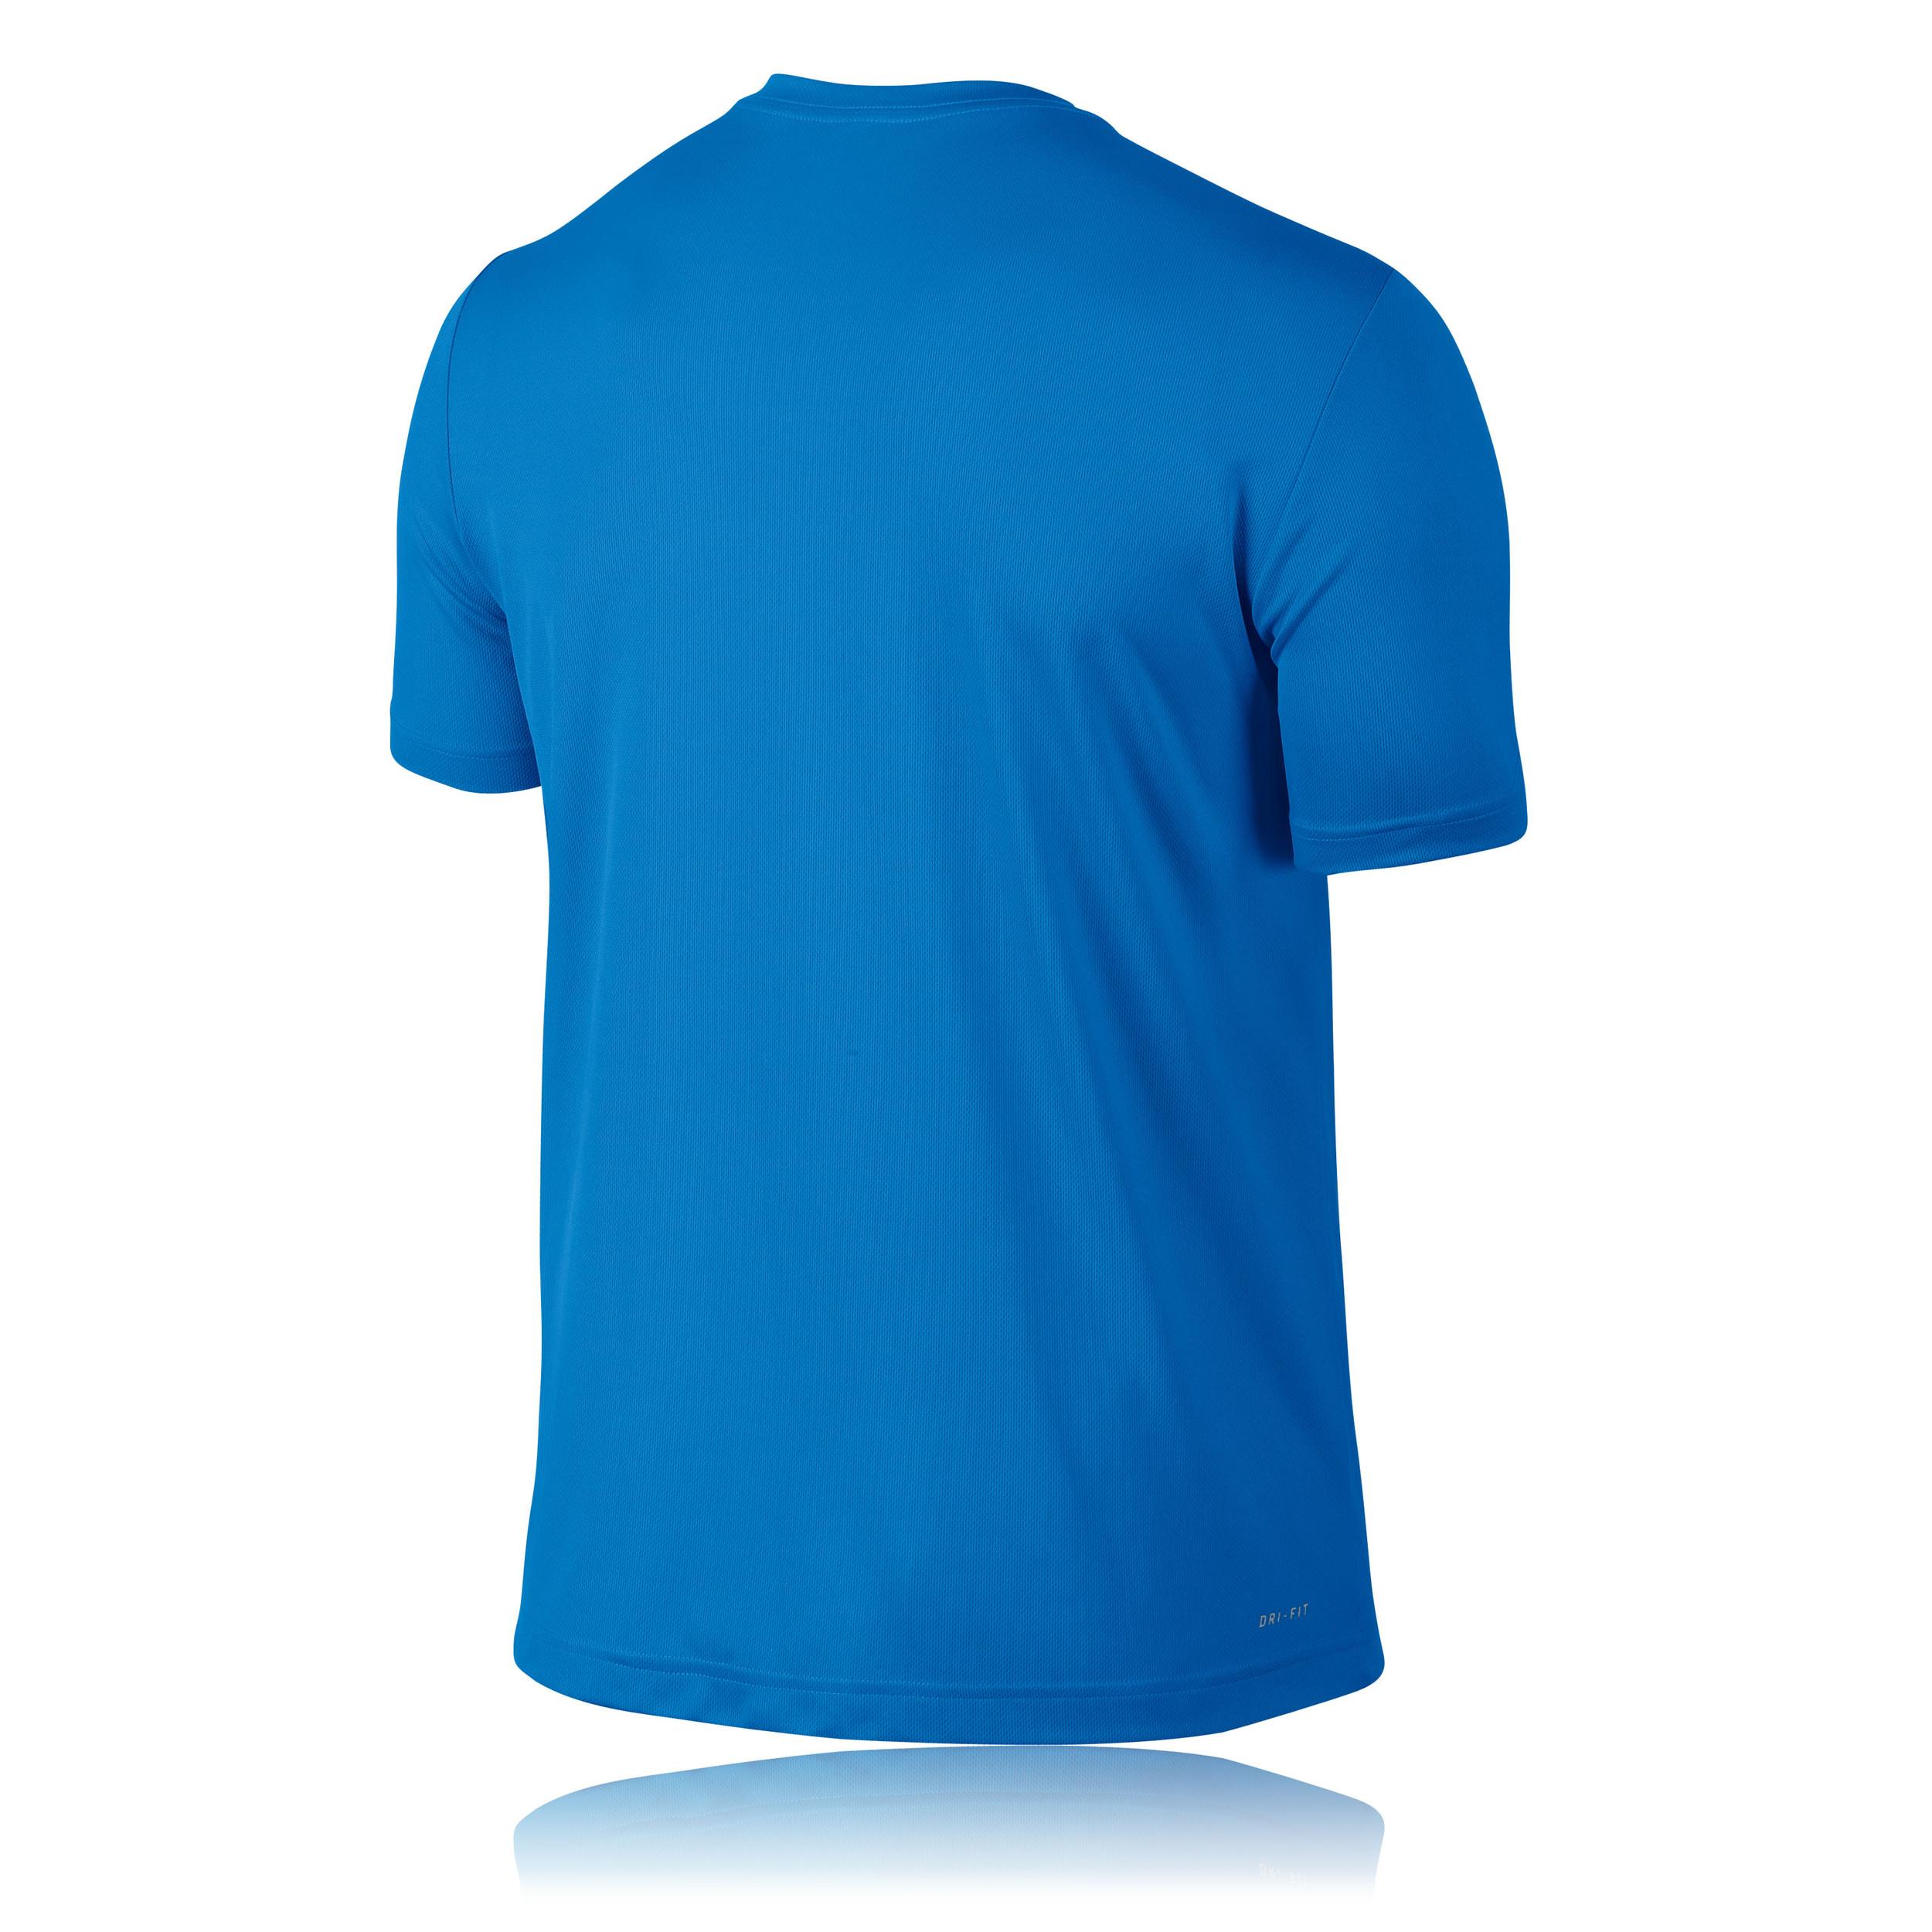 Nike challenger short sleeve running t shirt fa14 for Nike short sleeve shirt